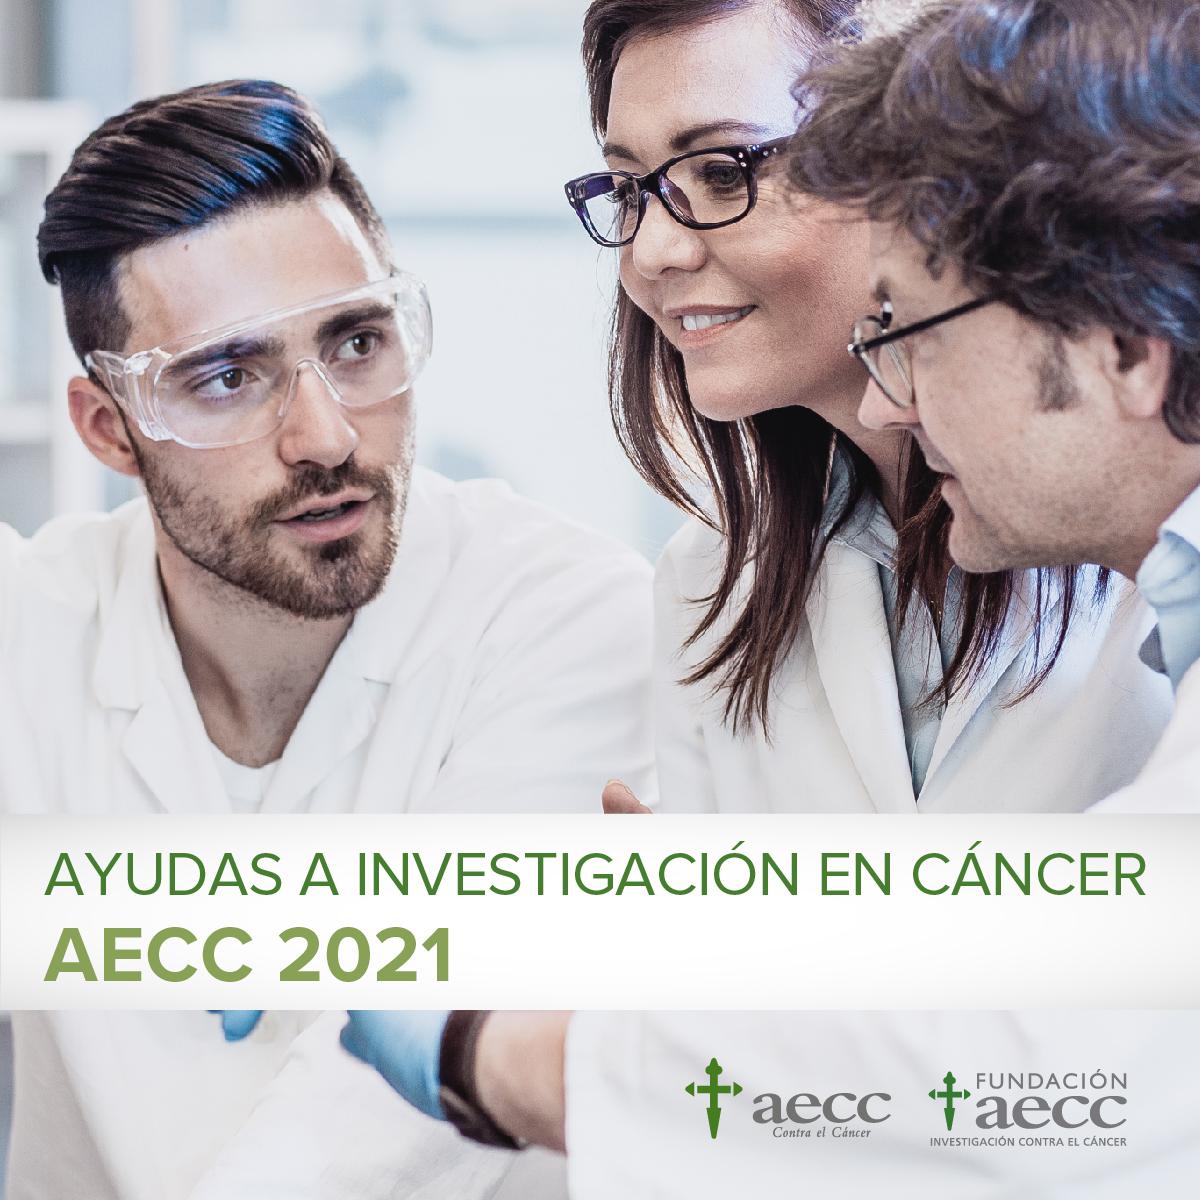 ayudas-aecc-2021